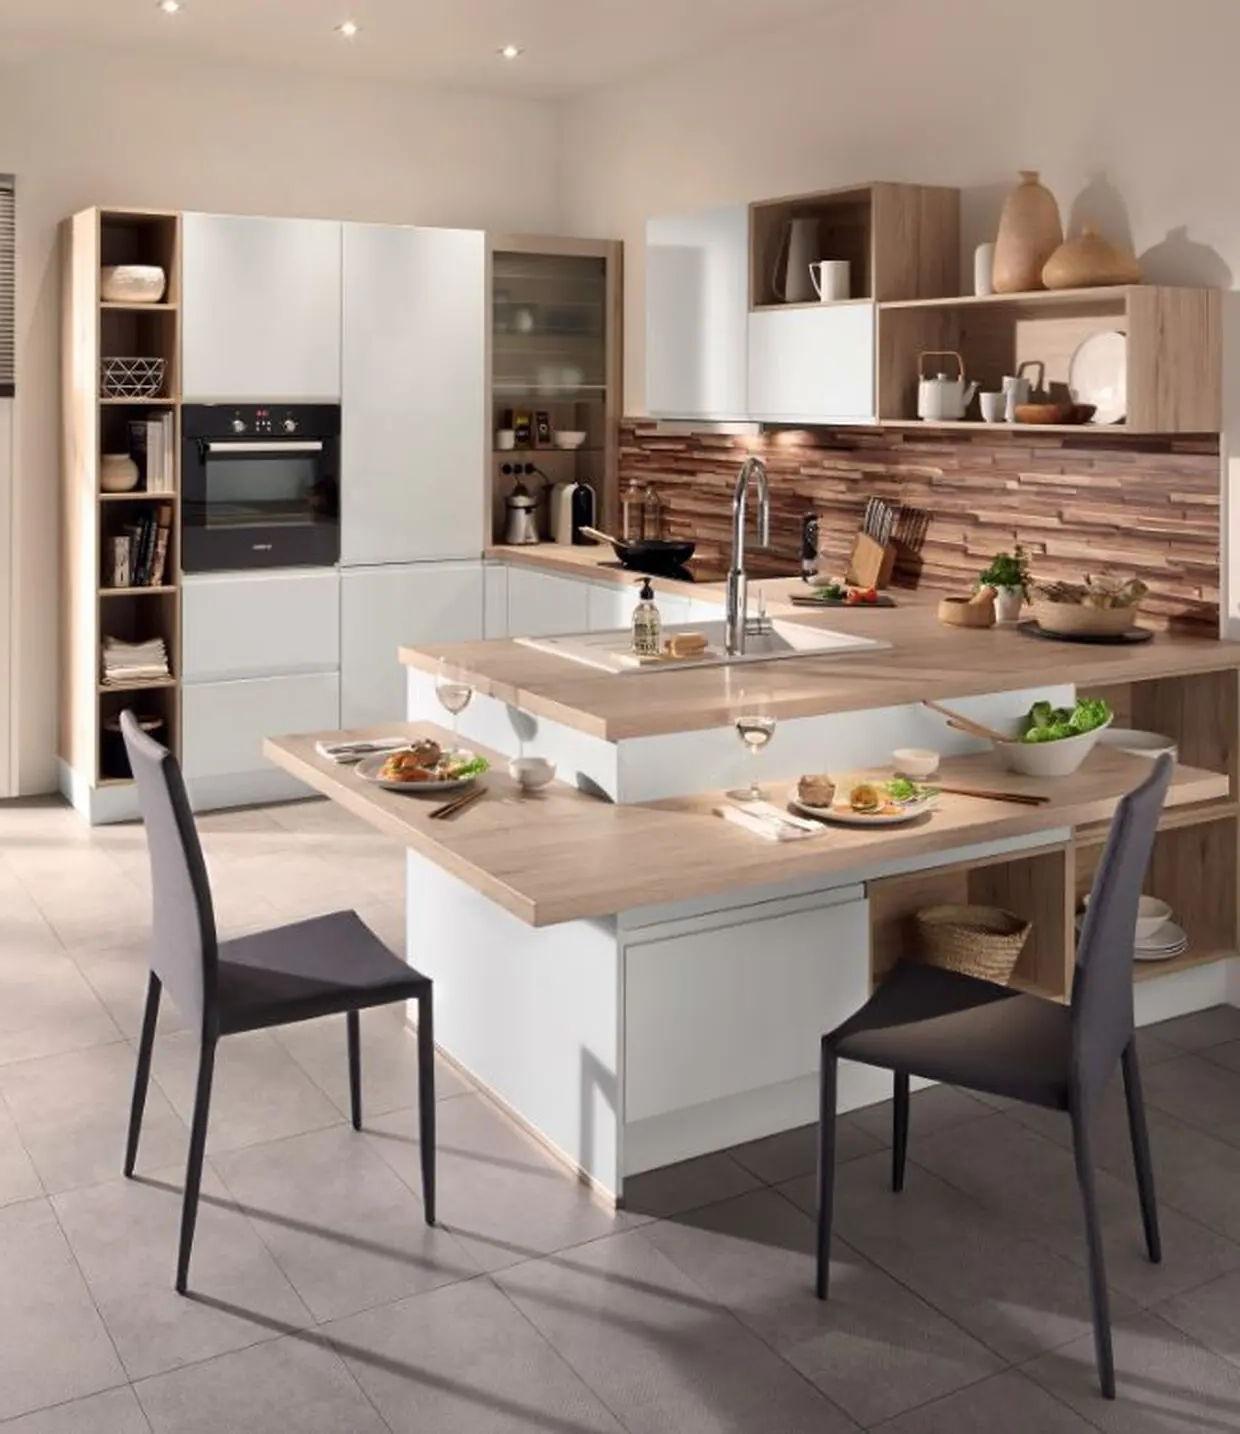 Cuisine Conforama : sélection de 7 modèles design et tendance